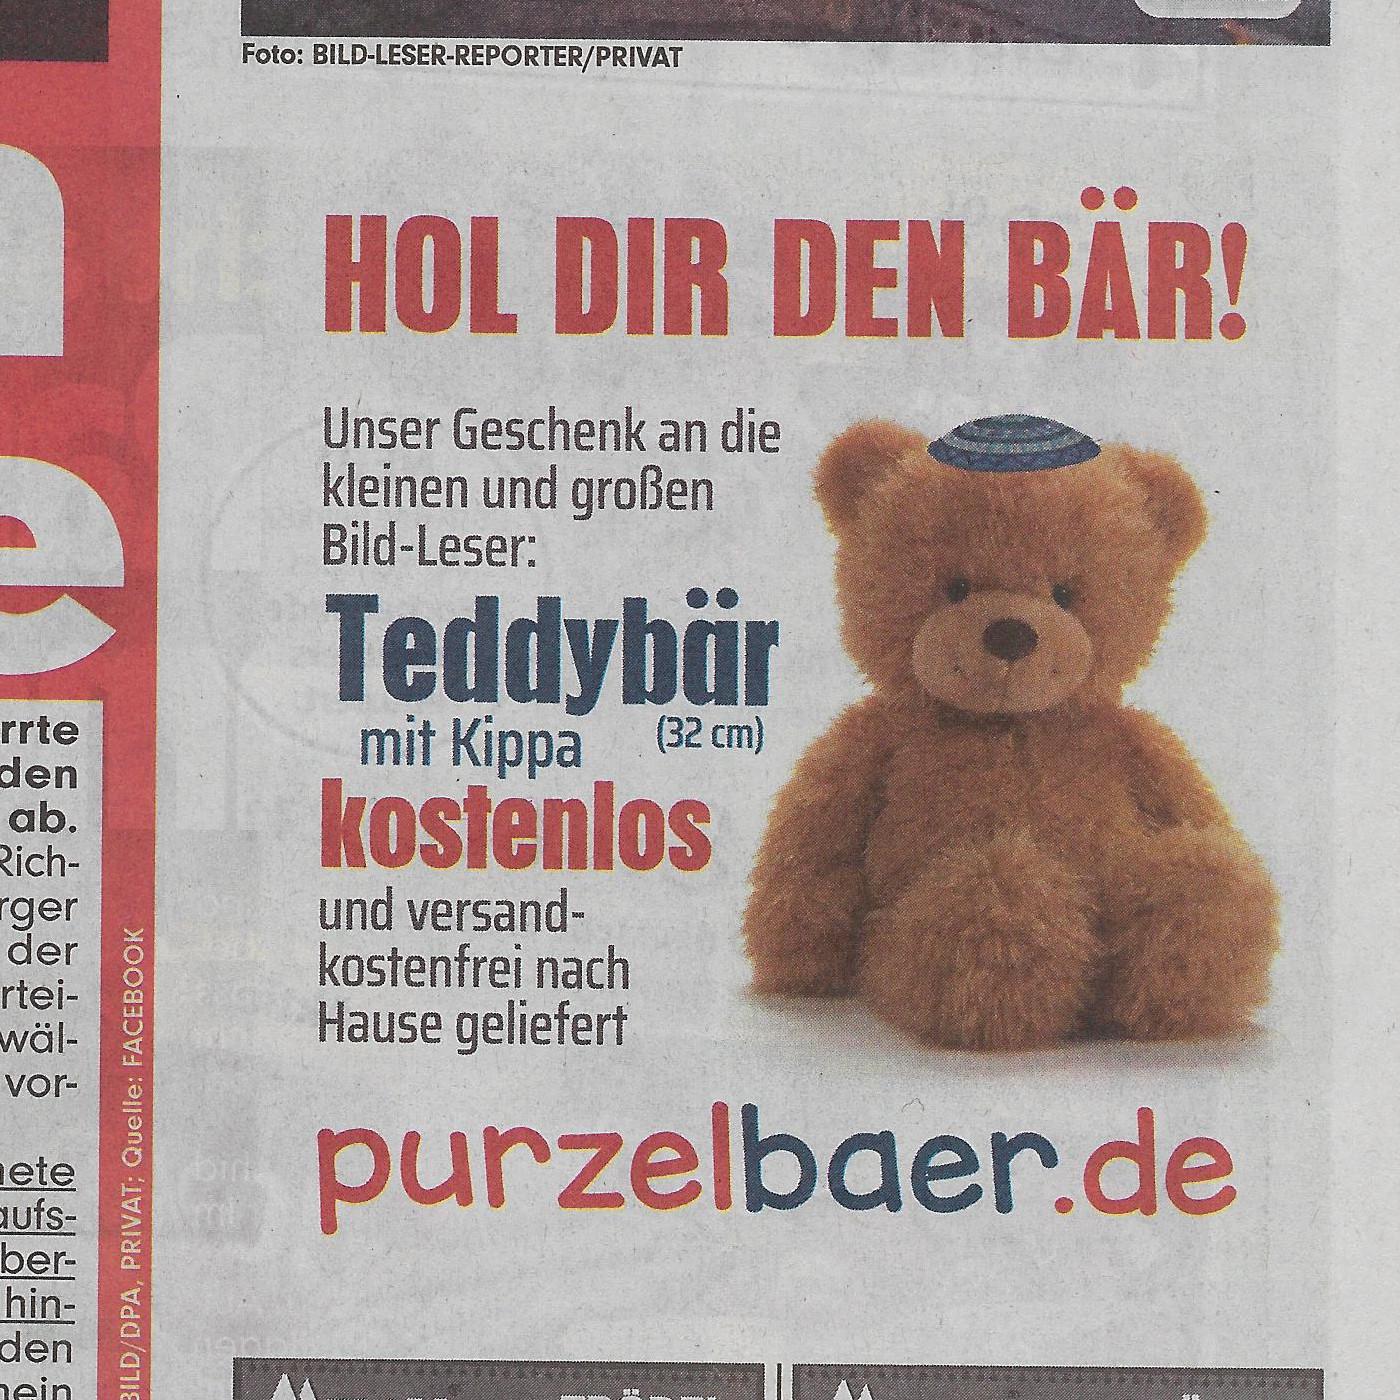 Inserat in der Bild: Teddybär mit Kippa zu verschenken